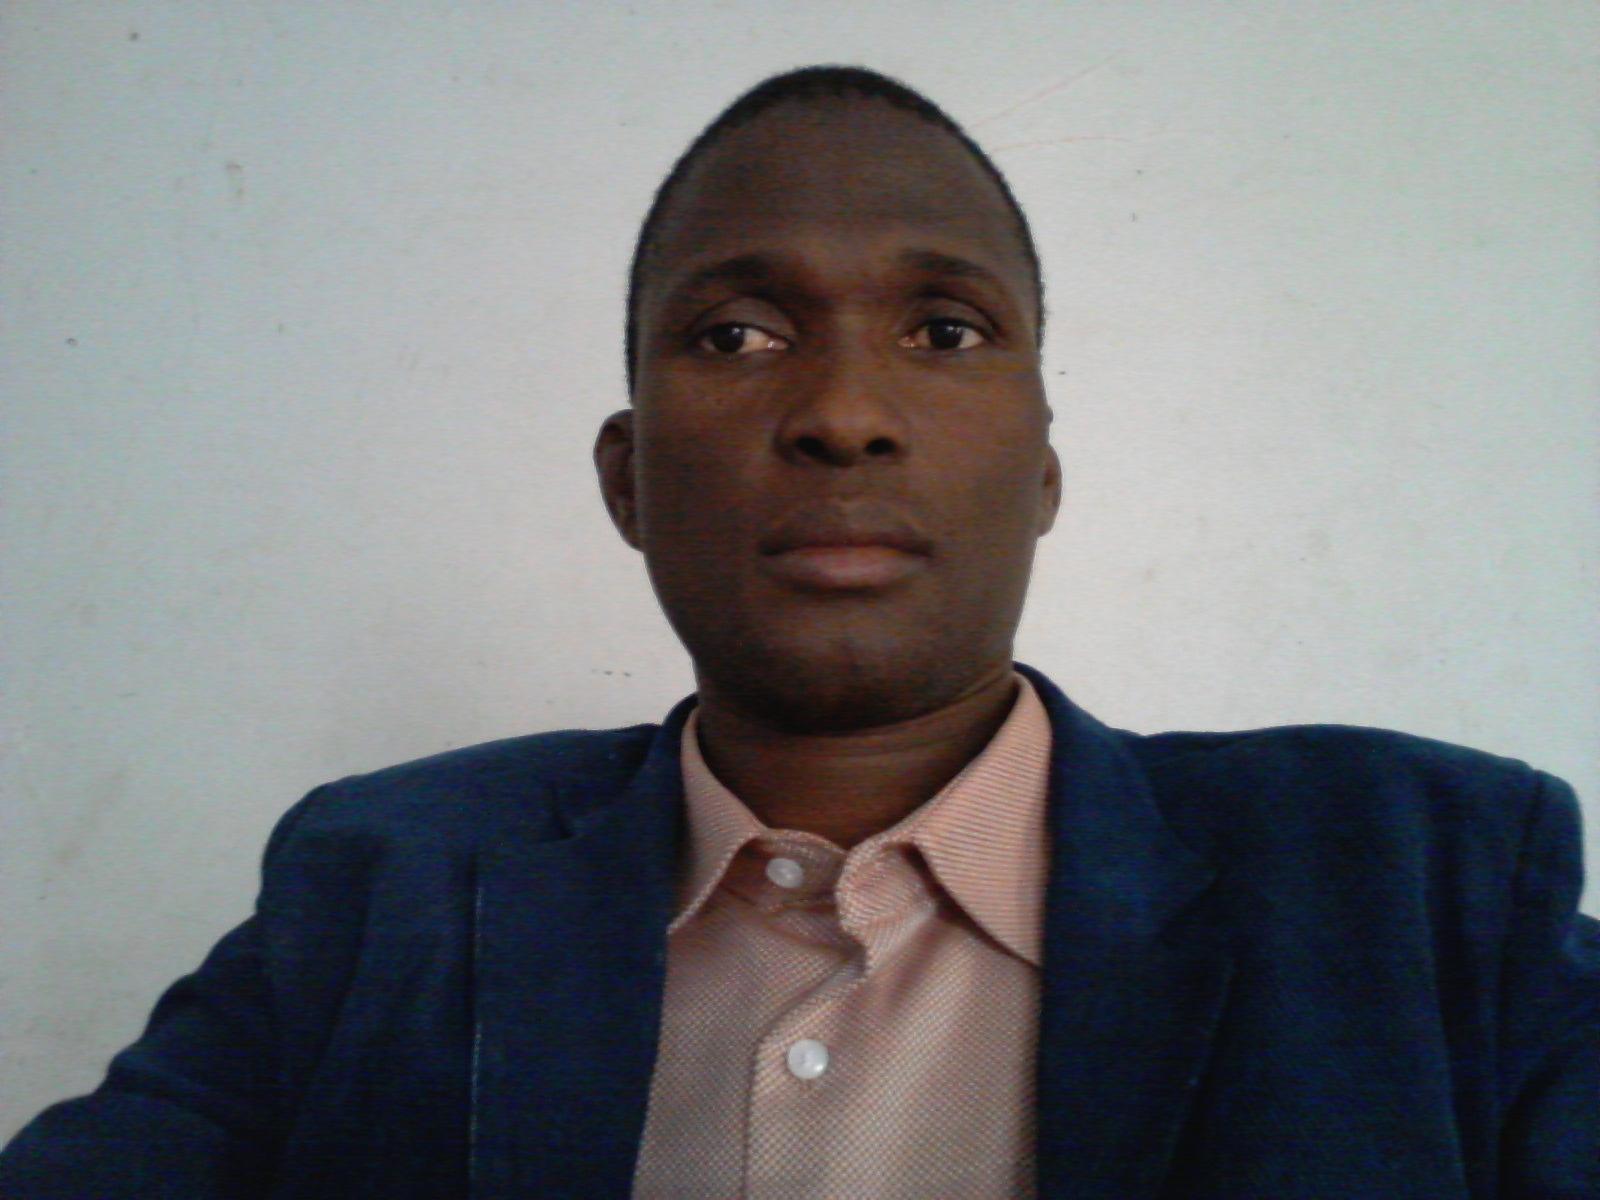 Financement de 5 millions pour les groupements féminins de Touba Toul, Ndiayène Sirakh... : Vieux Seynou Ndiaye veut un Oui massif à Khombole